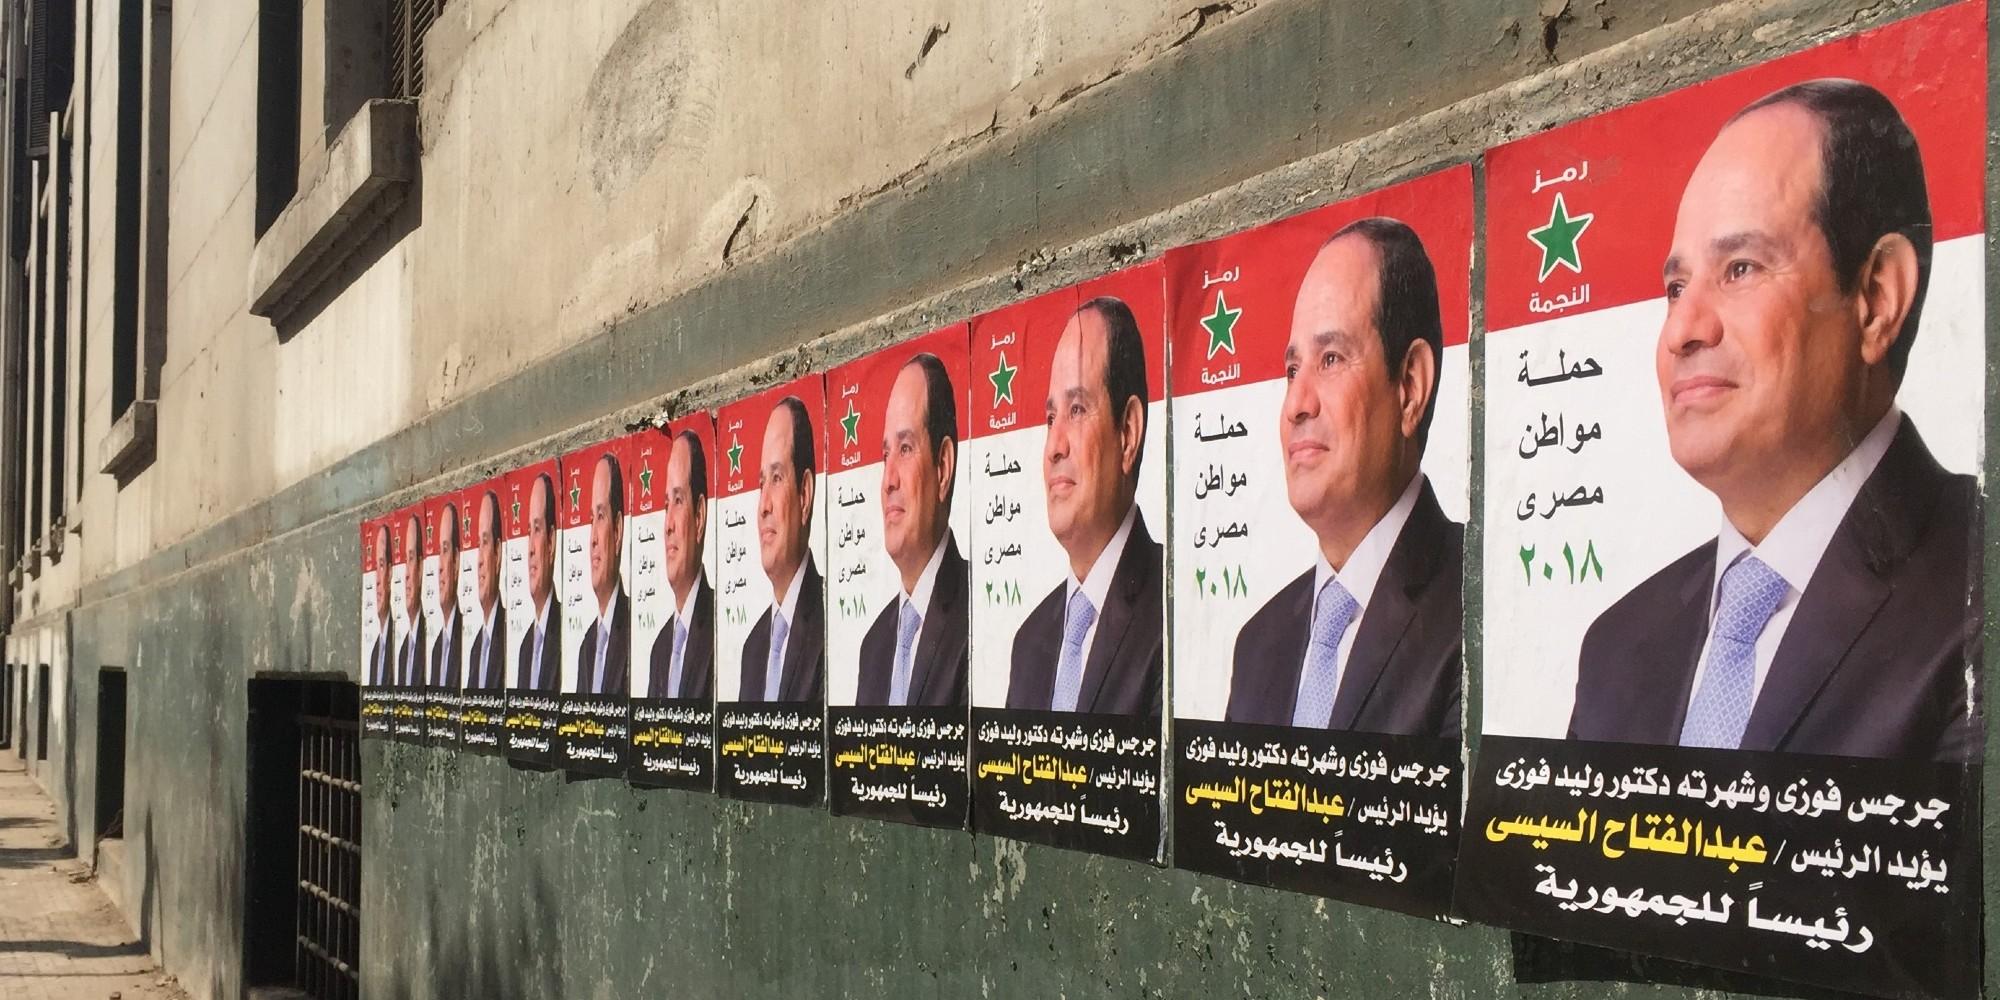 Dix ans après, que reste-t-il de la révolution égyptienne de 2011 ?